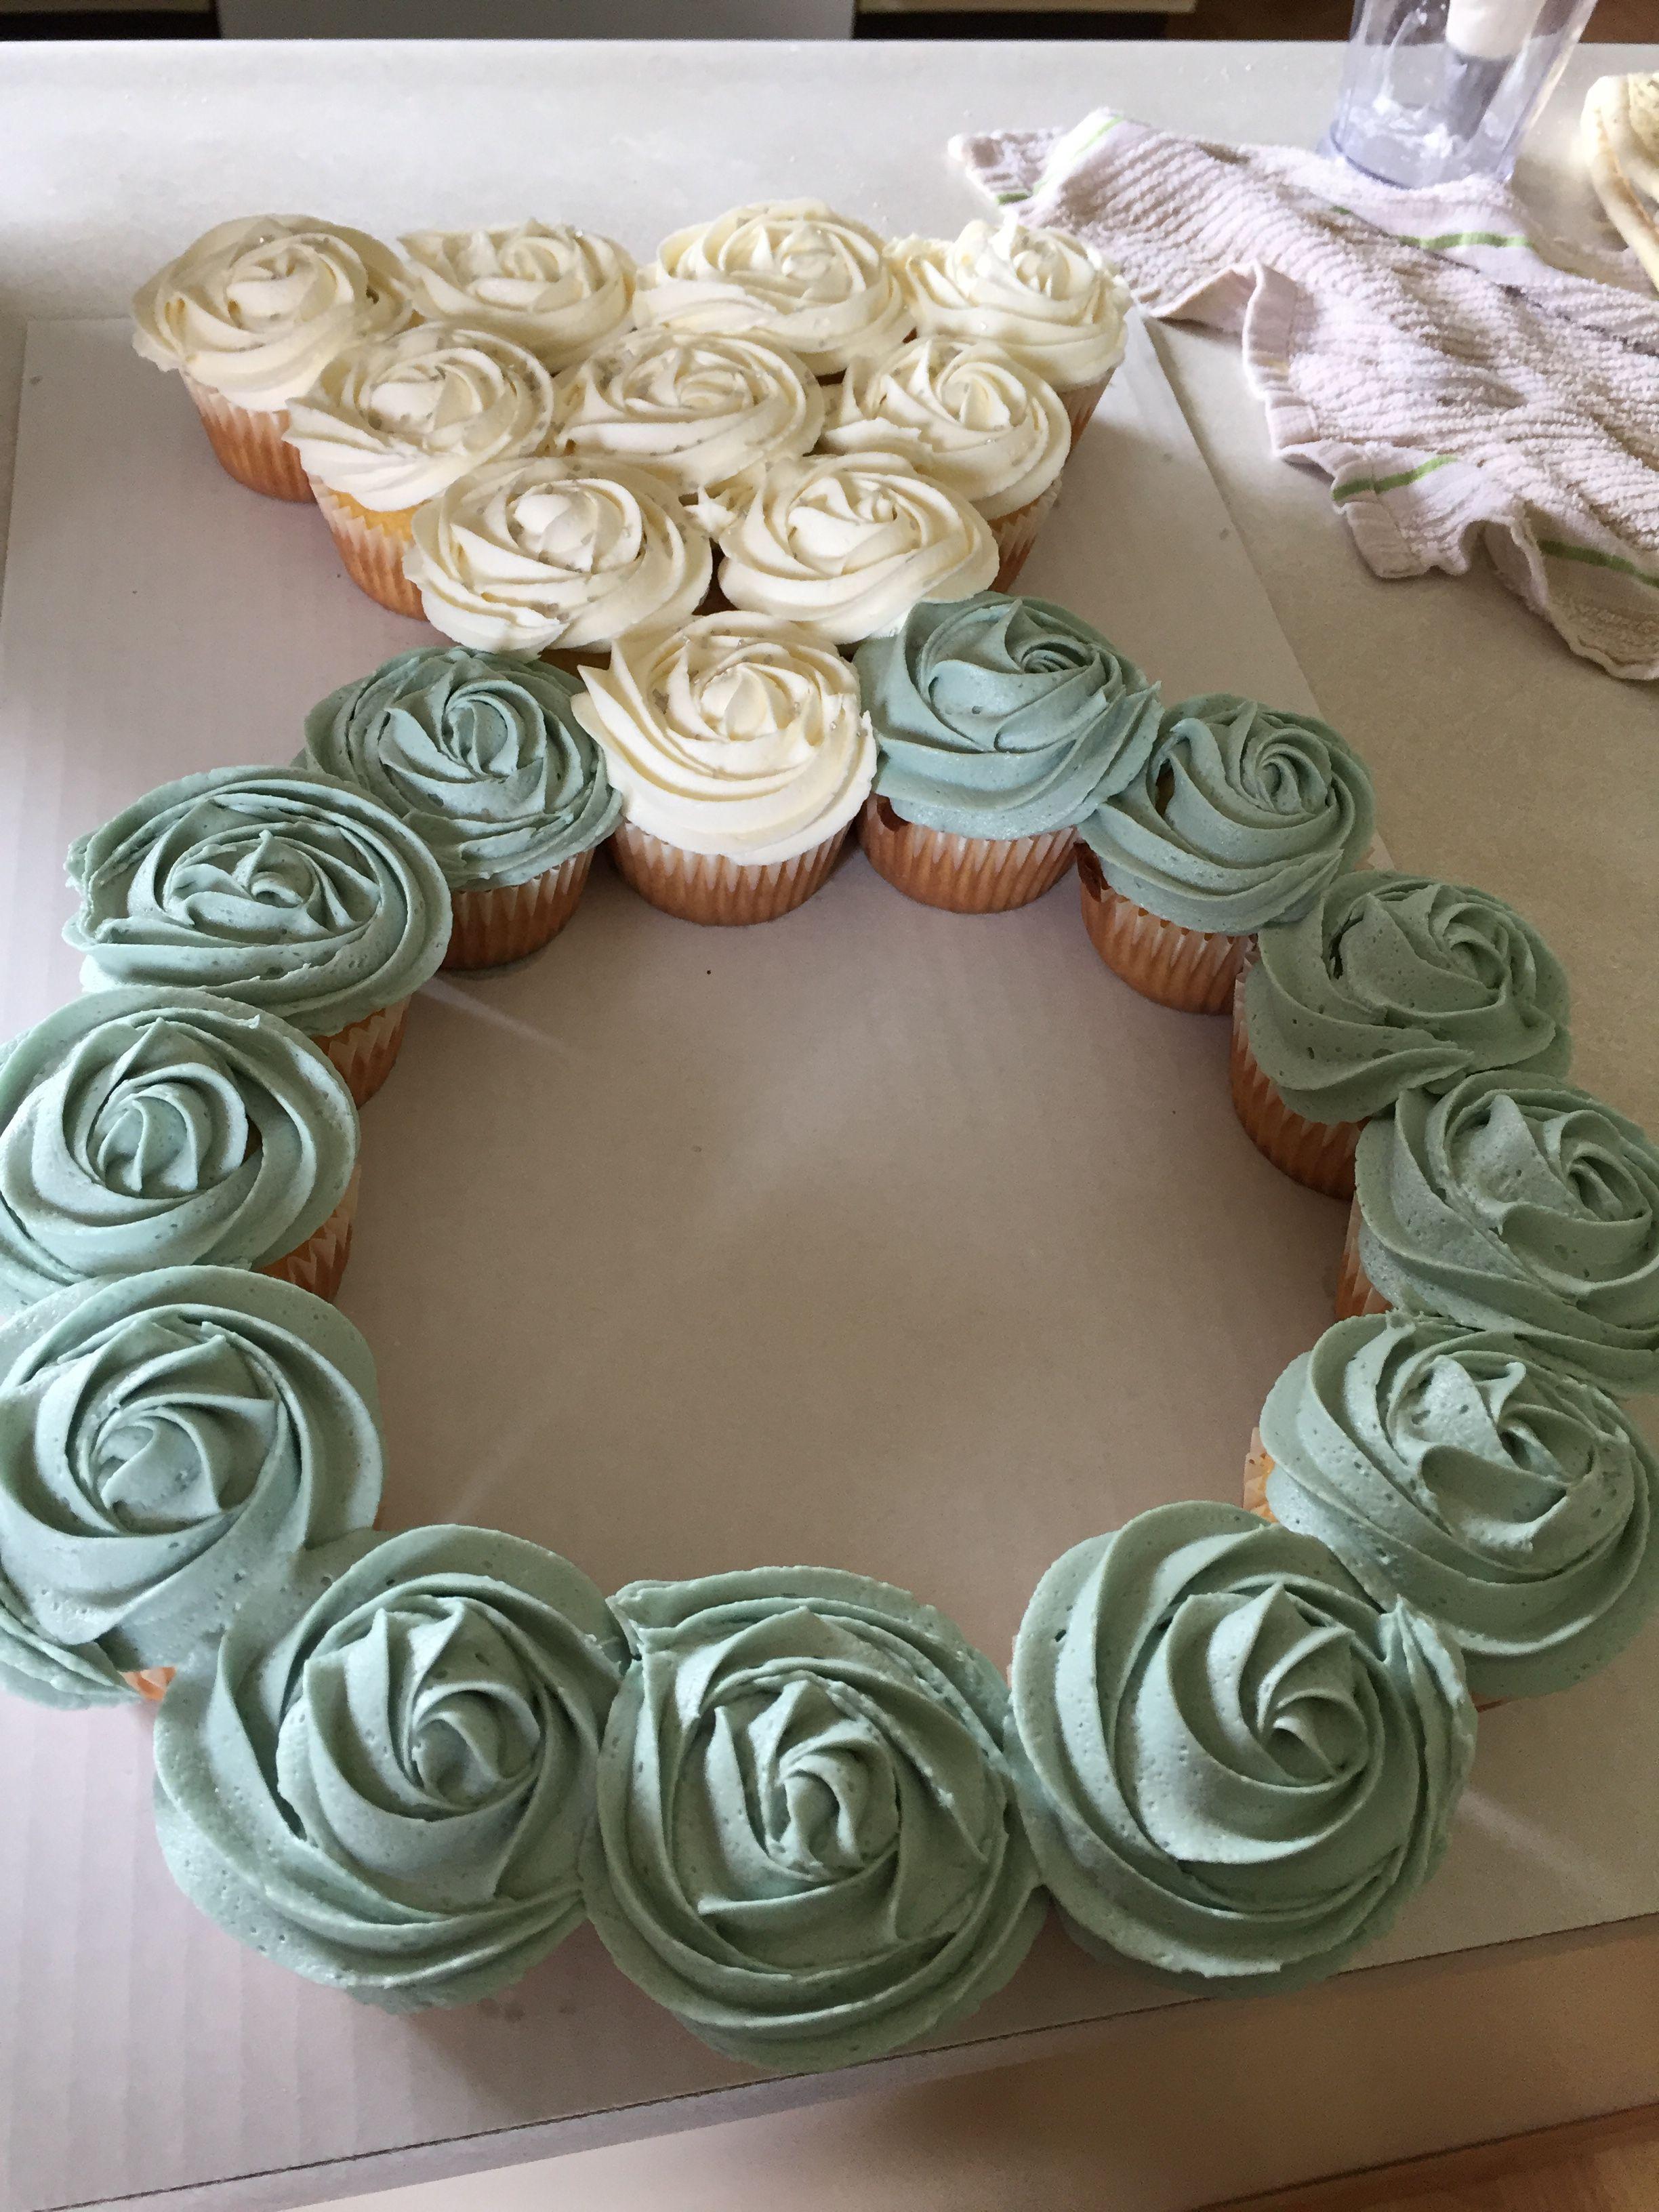 Cupcake Ring Pull Apart Wedding Shower Wedding Shower Cupcakes